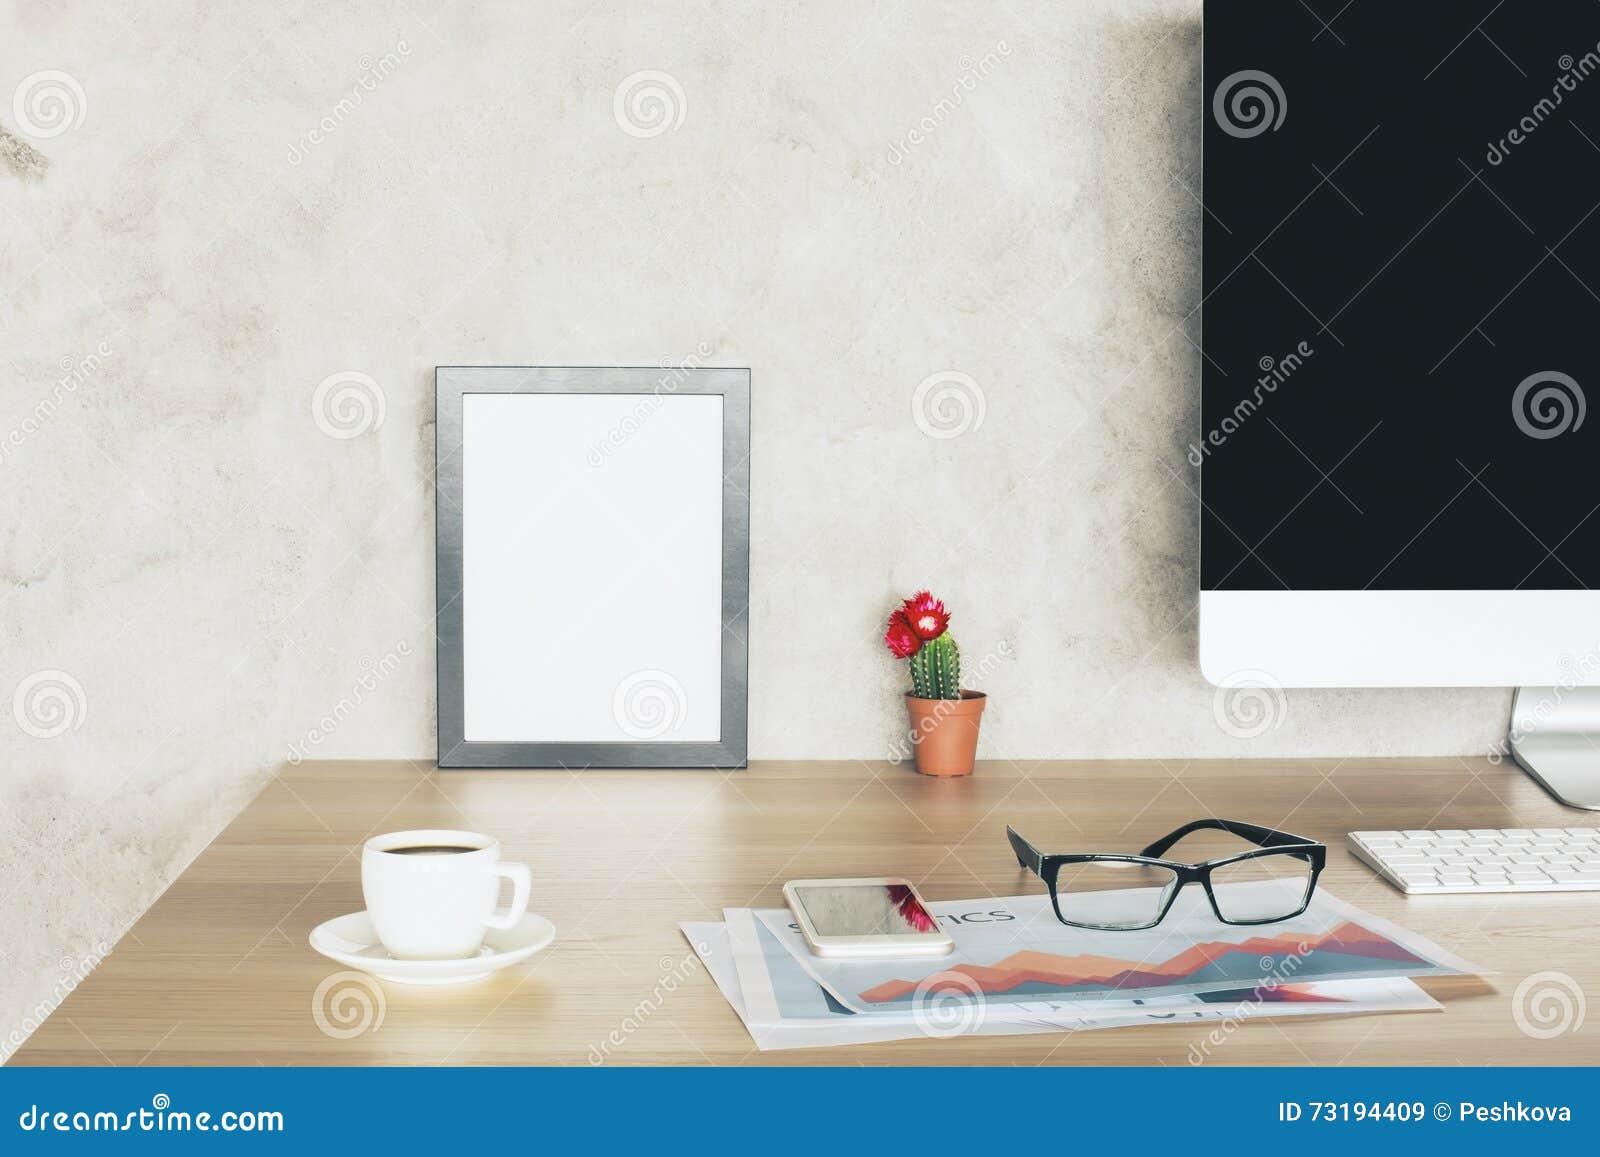 Kreativer Desktop Mit Rahmen Stockbild - Bild von computer ...